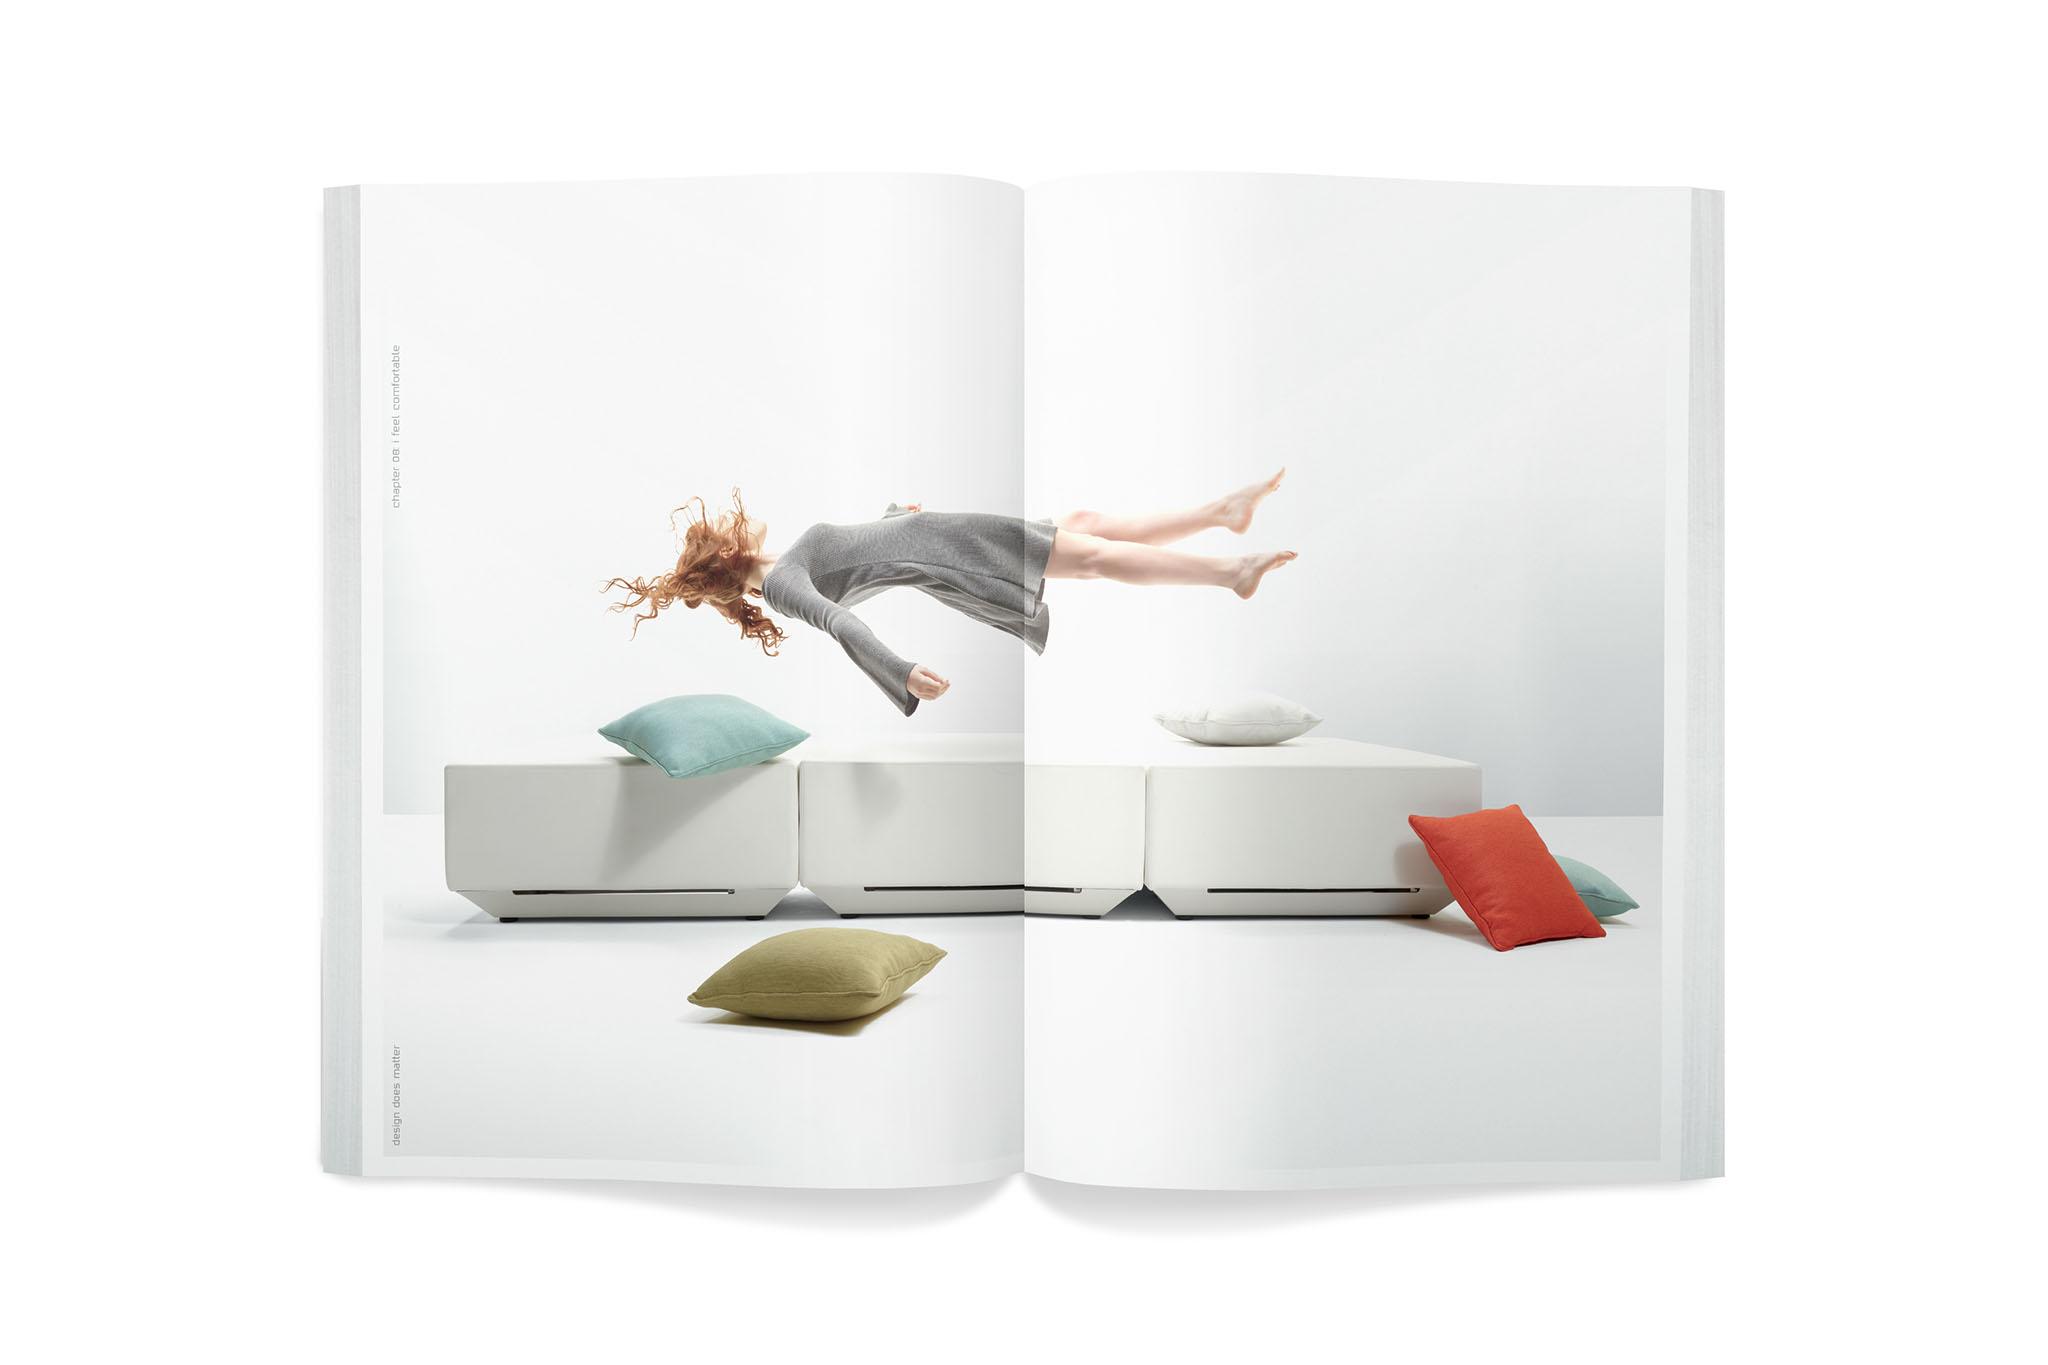 2017-geofkern-plus book